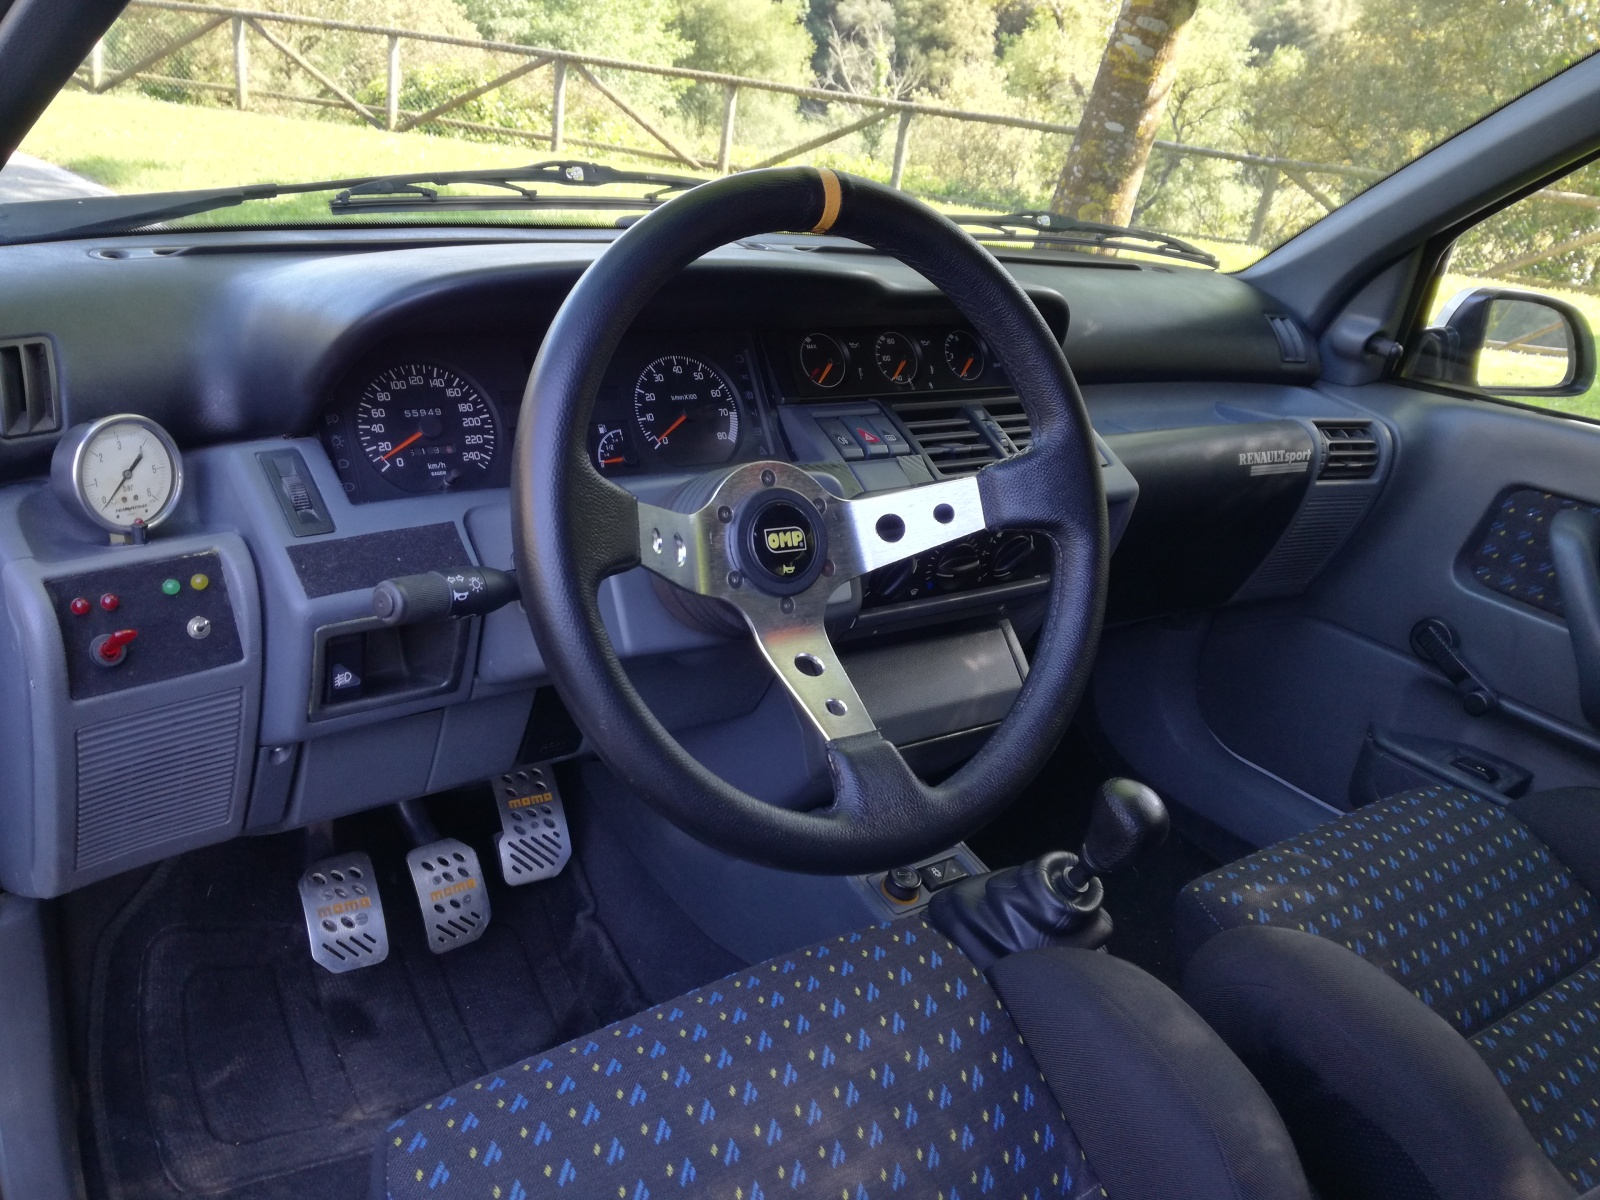 Presento el Renault Clio 16V Fxqhr6